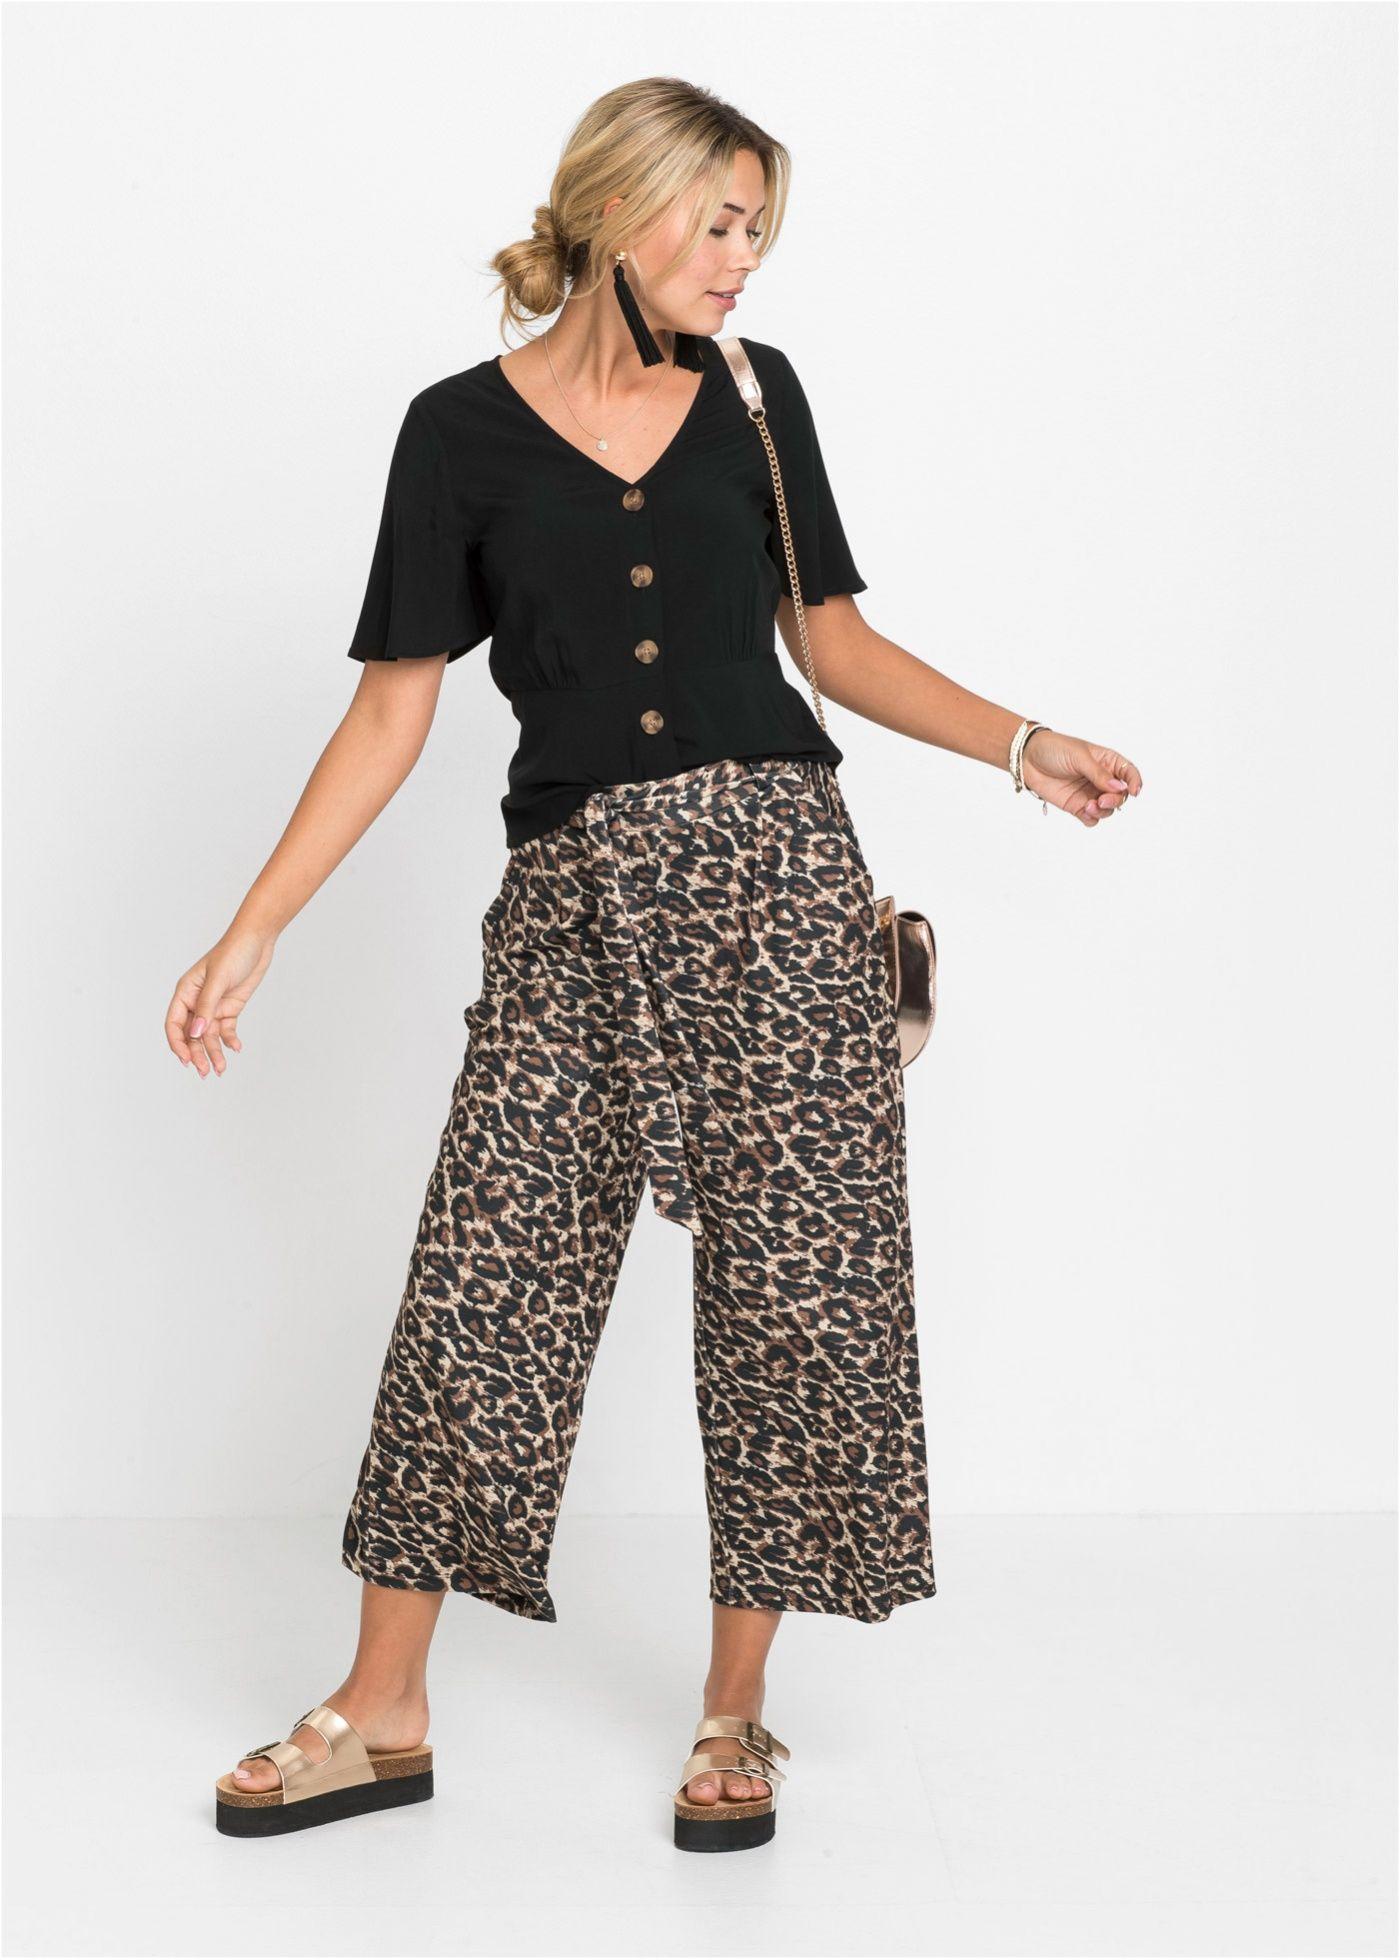 Verkurzte Fliessende Hose Mit Bindeband Culotte Style Hosen Outfit